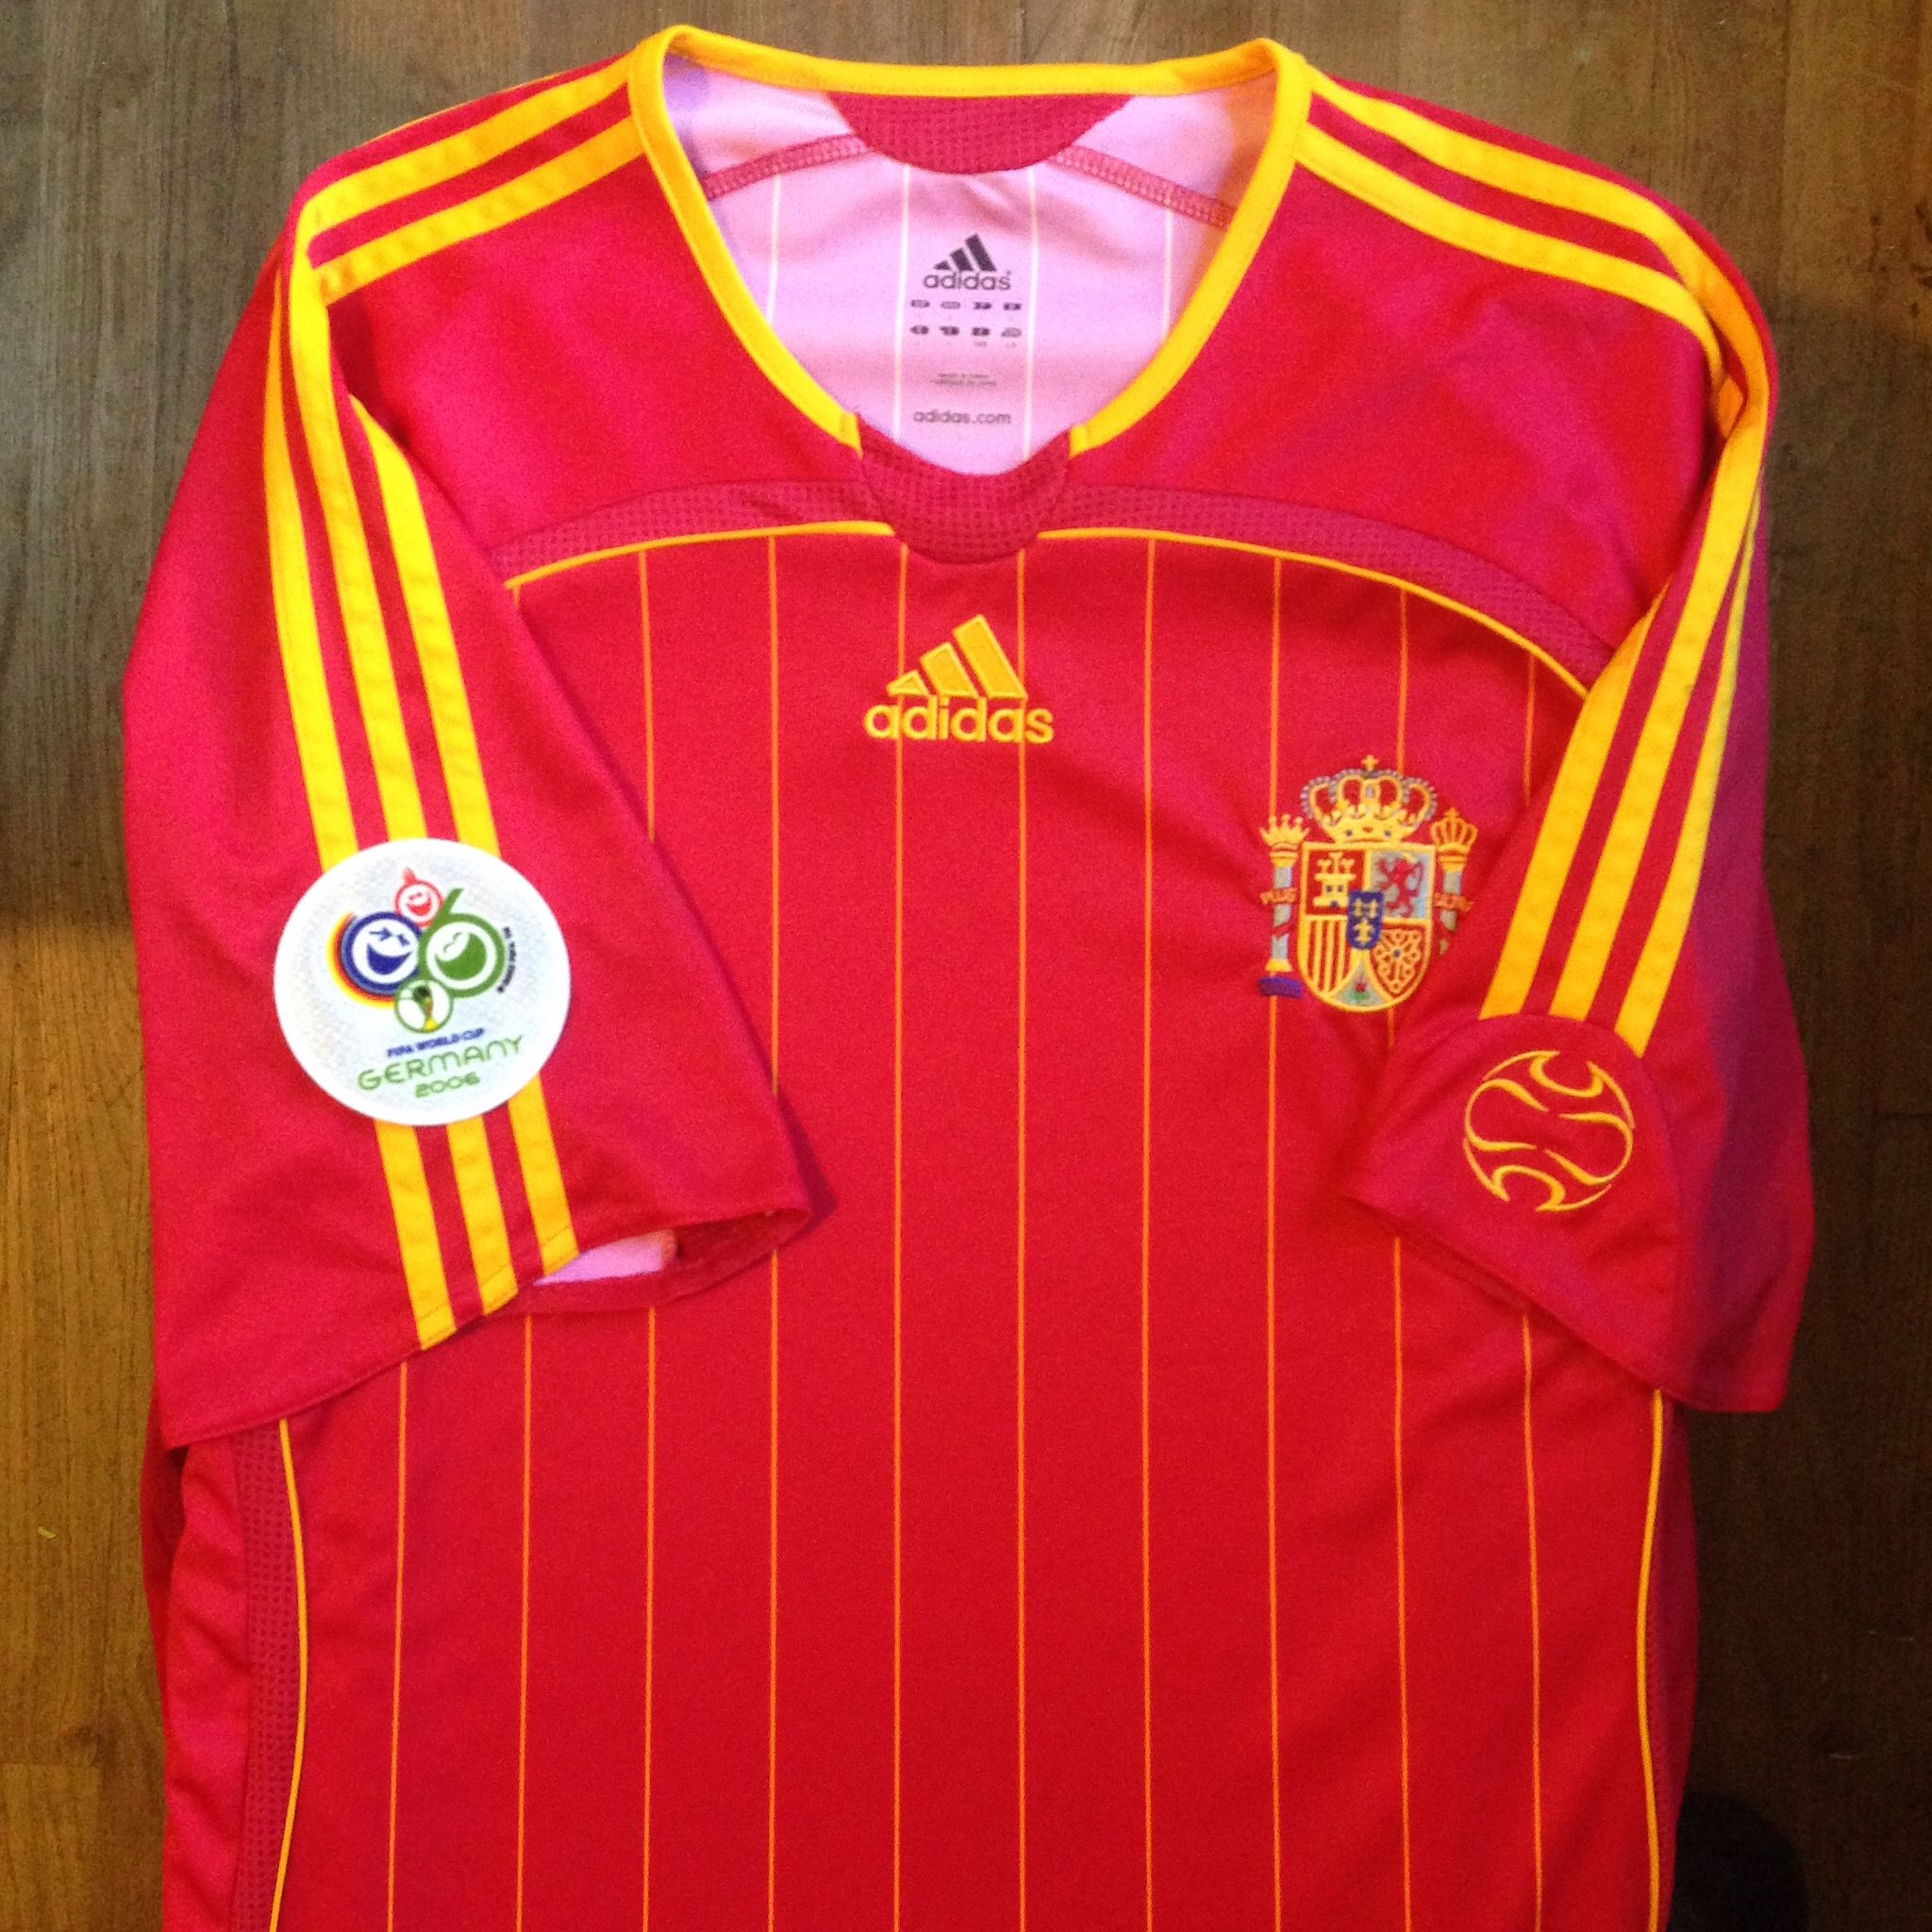 2006 Germany FIFA World Cup Spain Home Jersey    Primera Equipación de la  Selección Española 42421e79a2b34